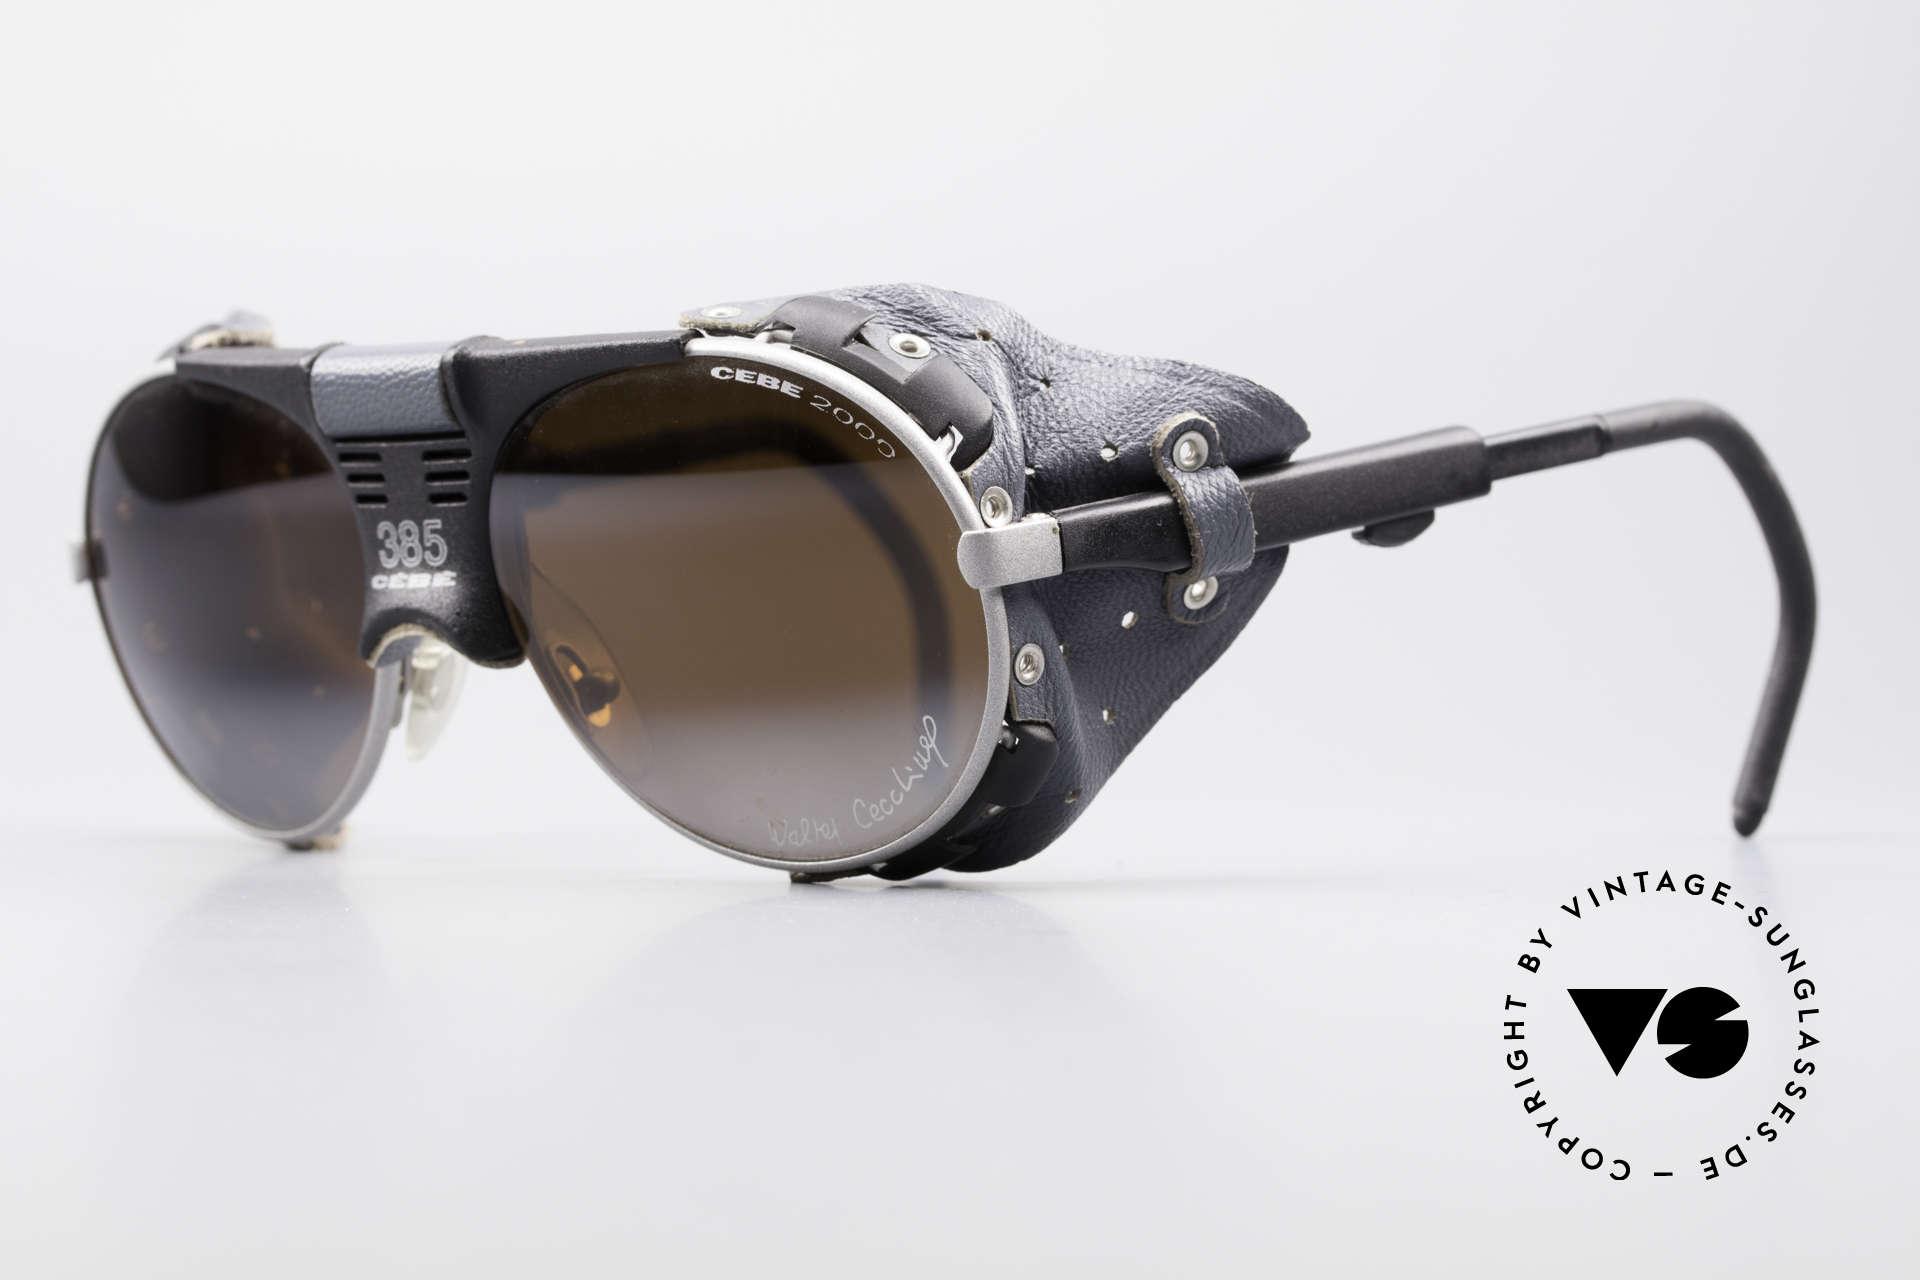 Cebe 385 Walter Cecchinel Sonnenbrille, high-end Spiegelgläser für extreme Sonneneinstrahlung, Passend für Herren und Damen